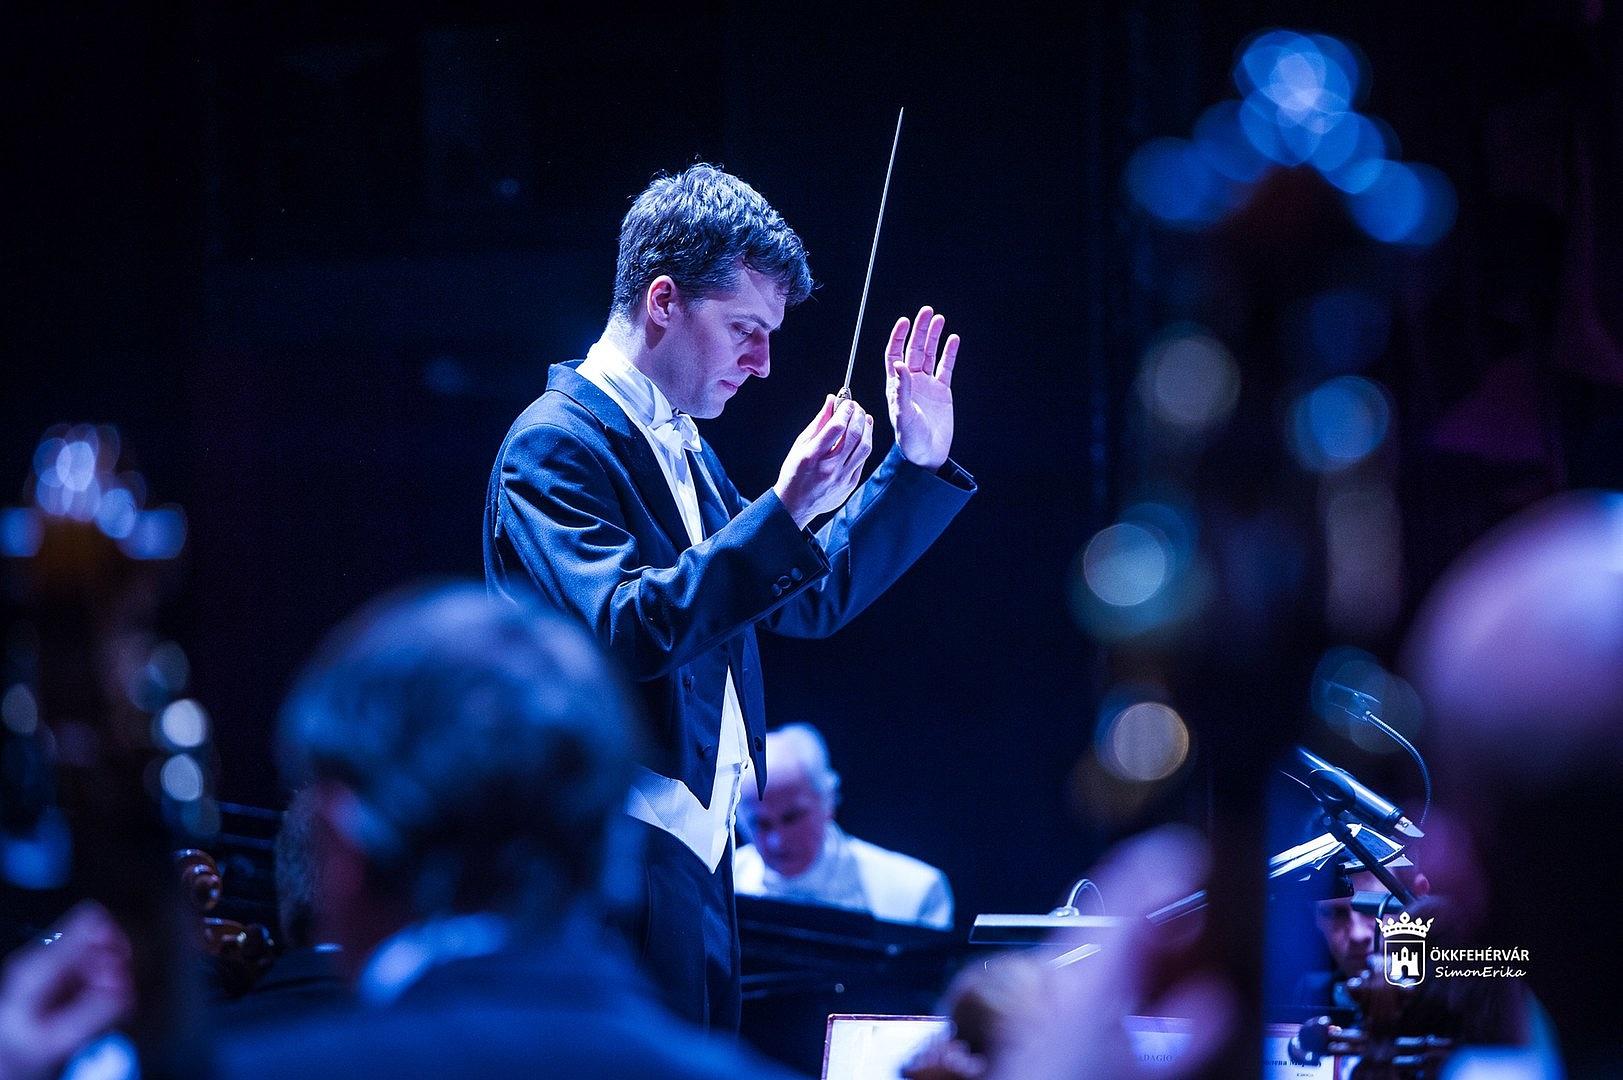 Dubóczky Gergely lehet az Alba Regia Szimfonikus Zenekar fejlődésének kulcsa